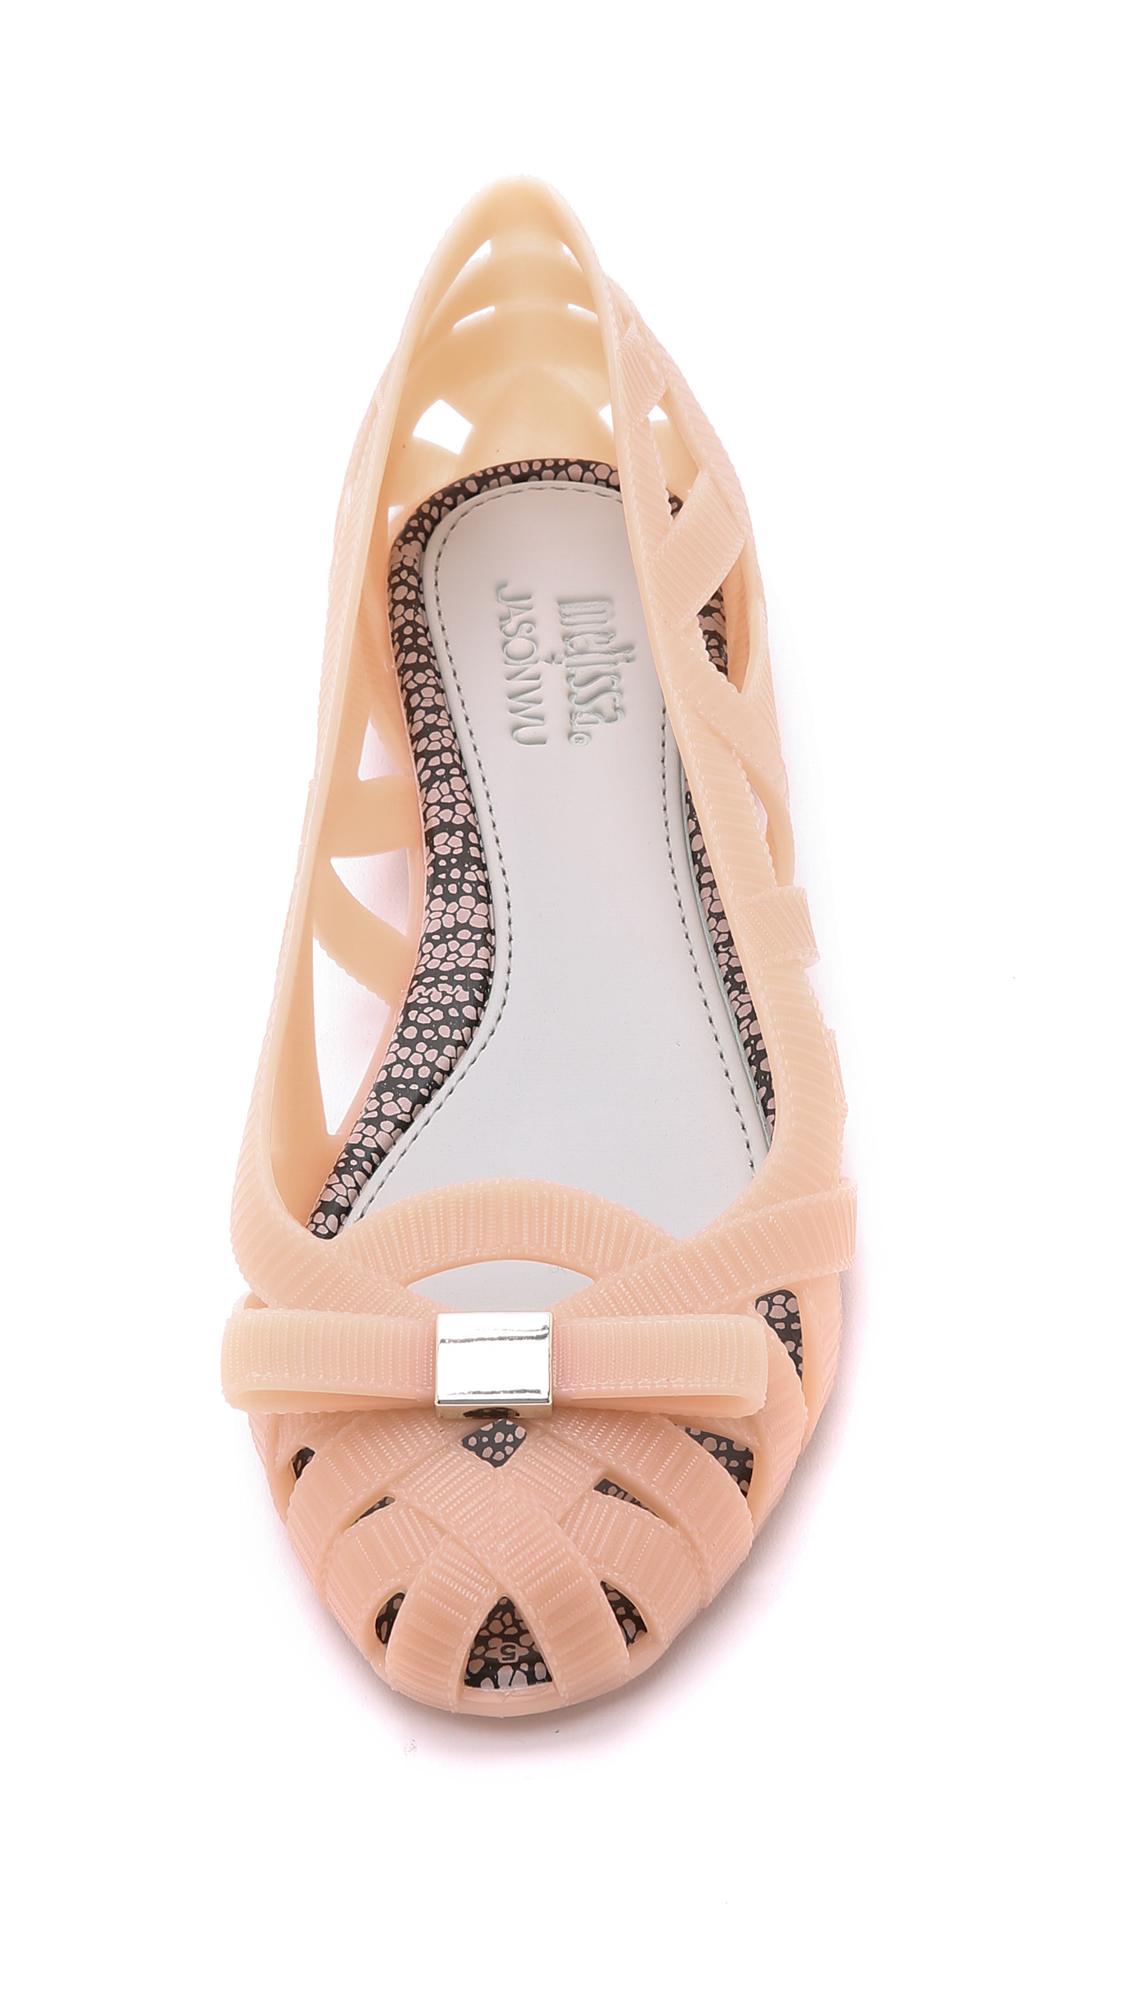 Chaussures - Tribunaux Jason Wu gfmy3Vr7N